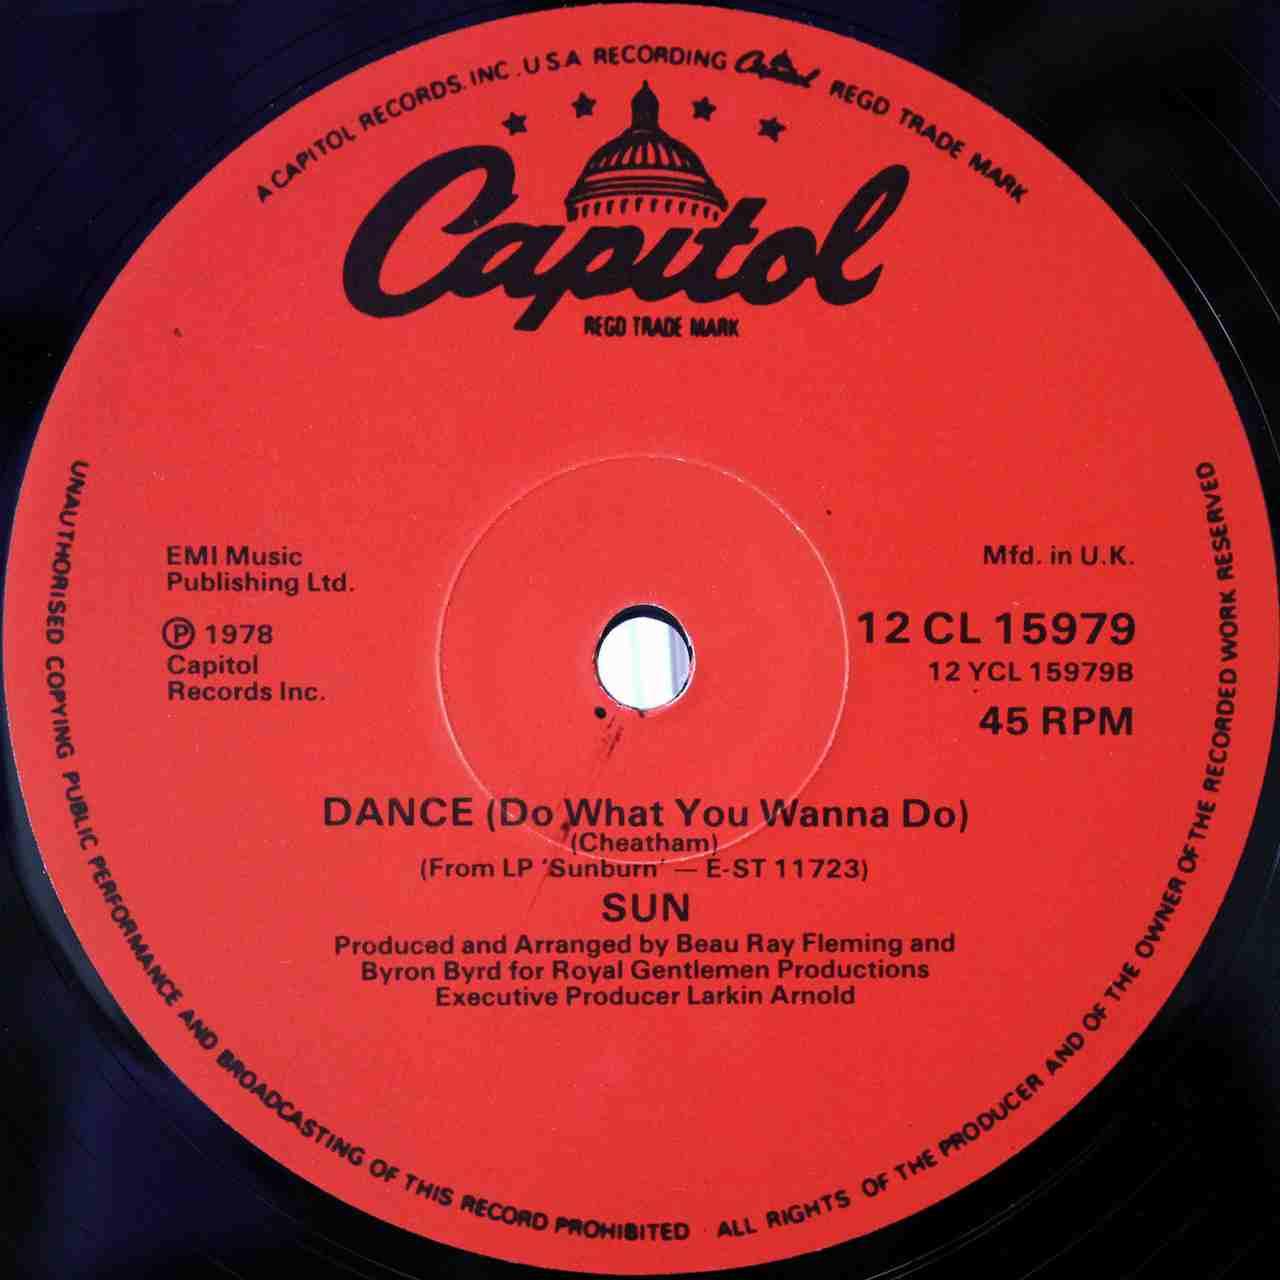 Sun - Dance (Do What You Wanna Do) 02